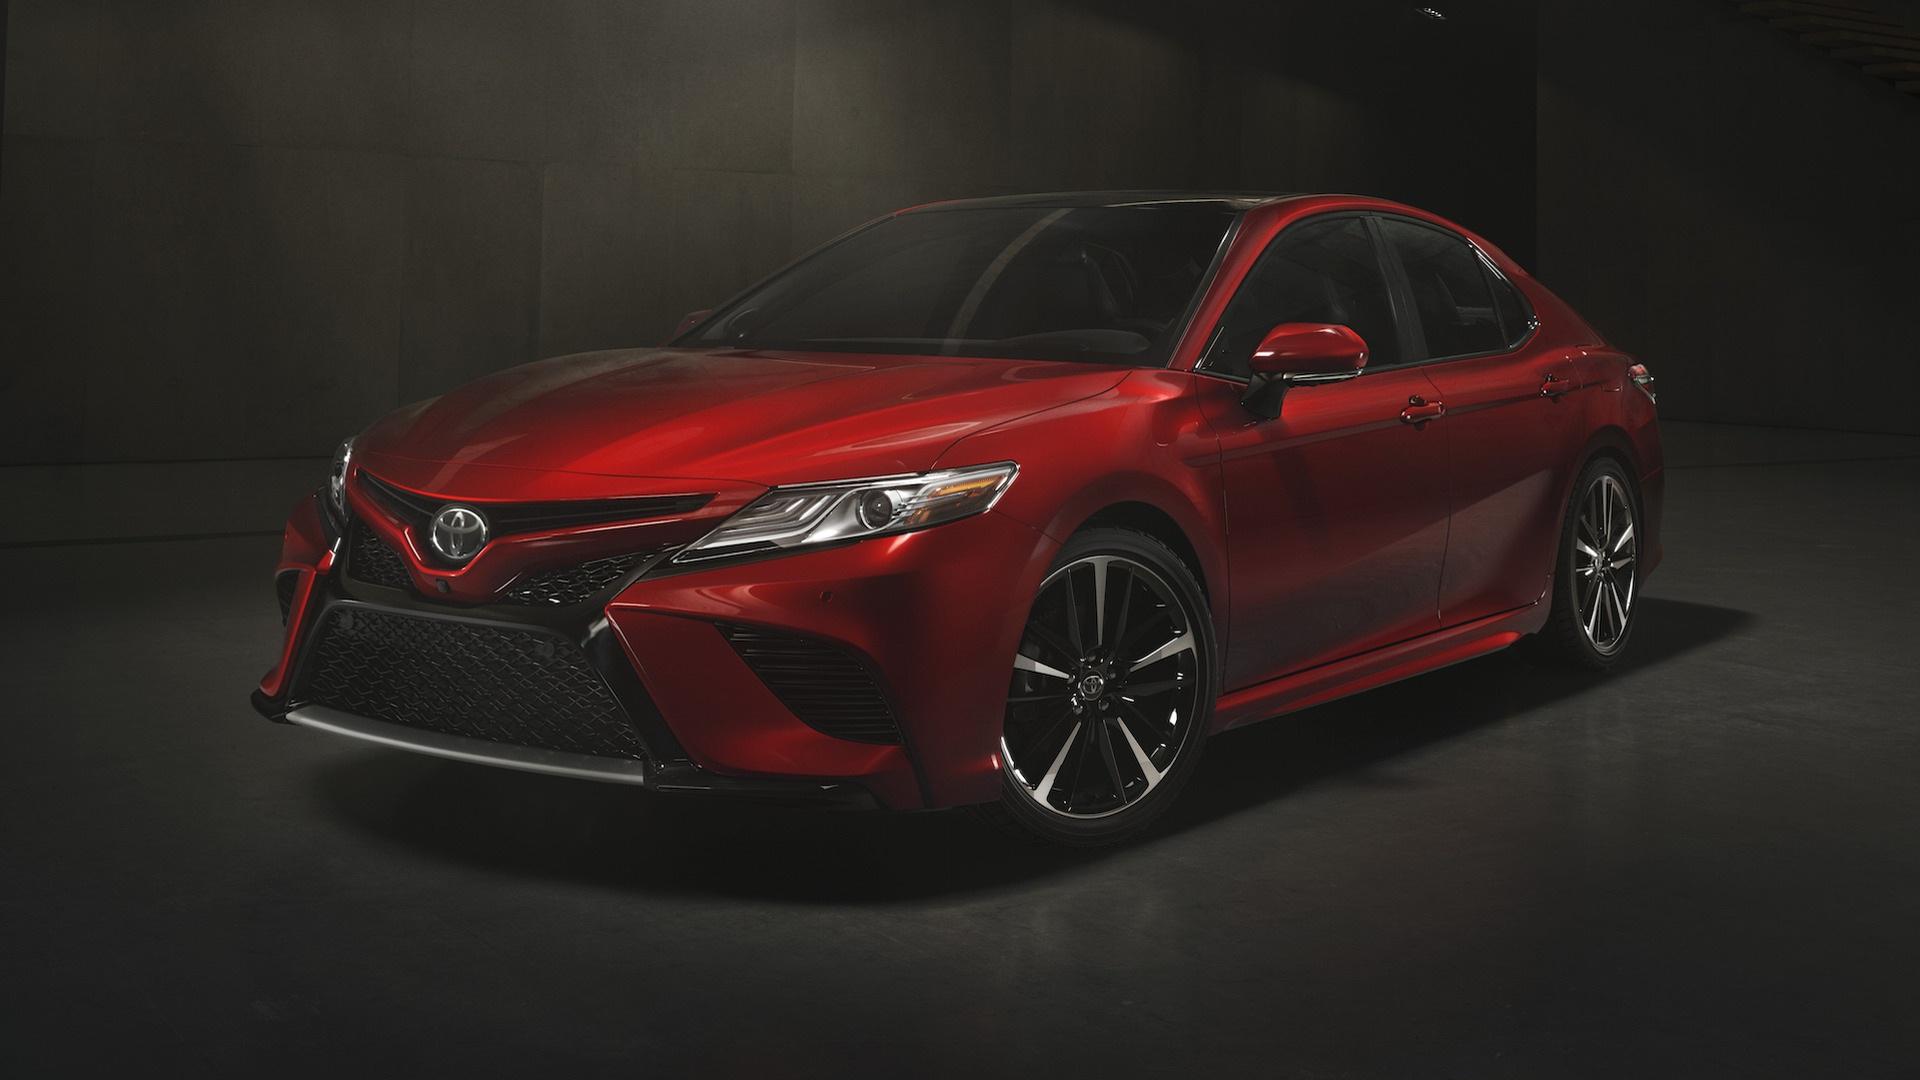 Top 10 mẫu xe bán chạy nhất nước Mỹ năm 2020 - Ảnh 5.